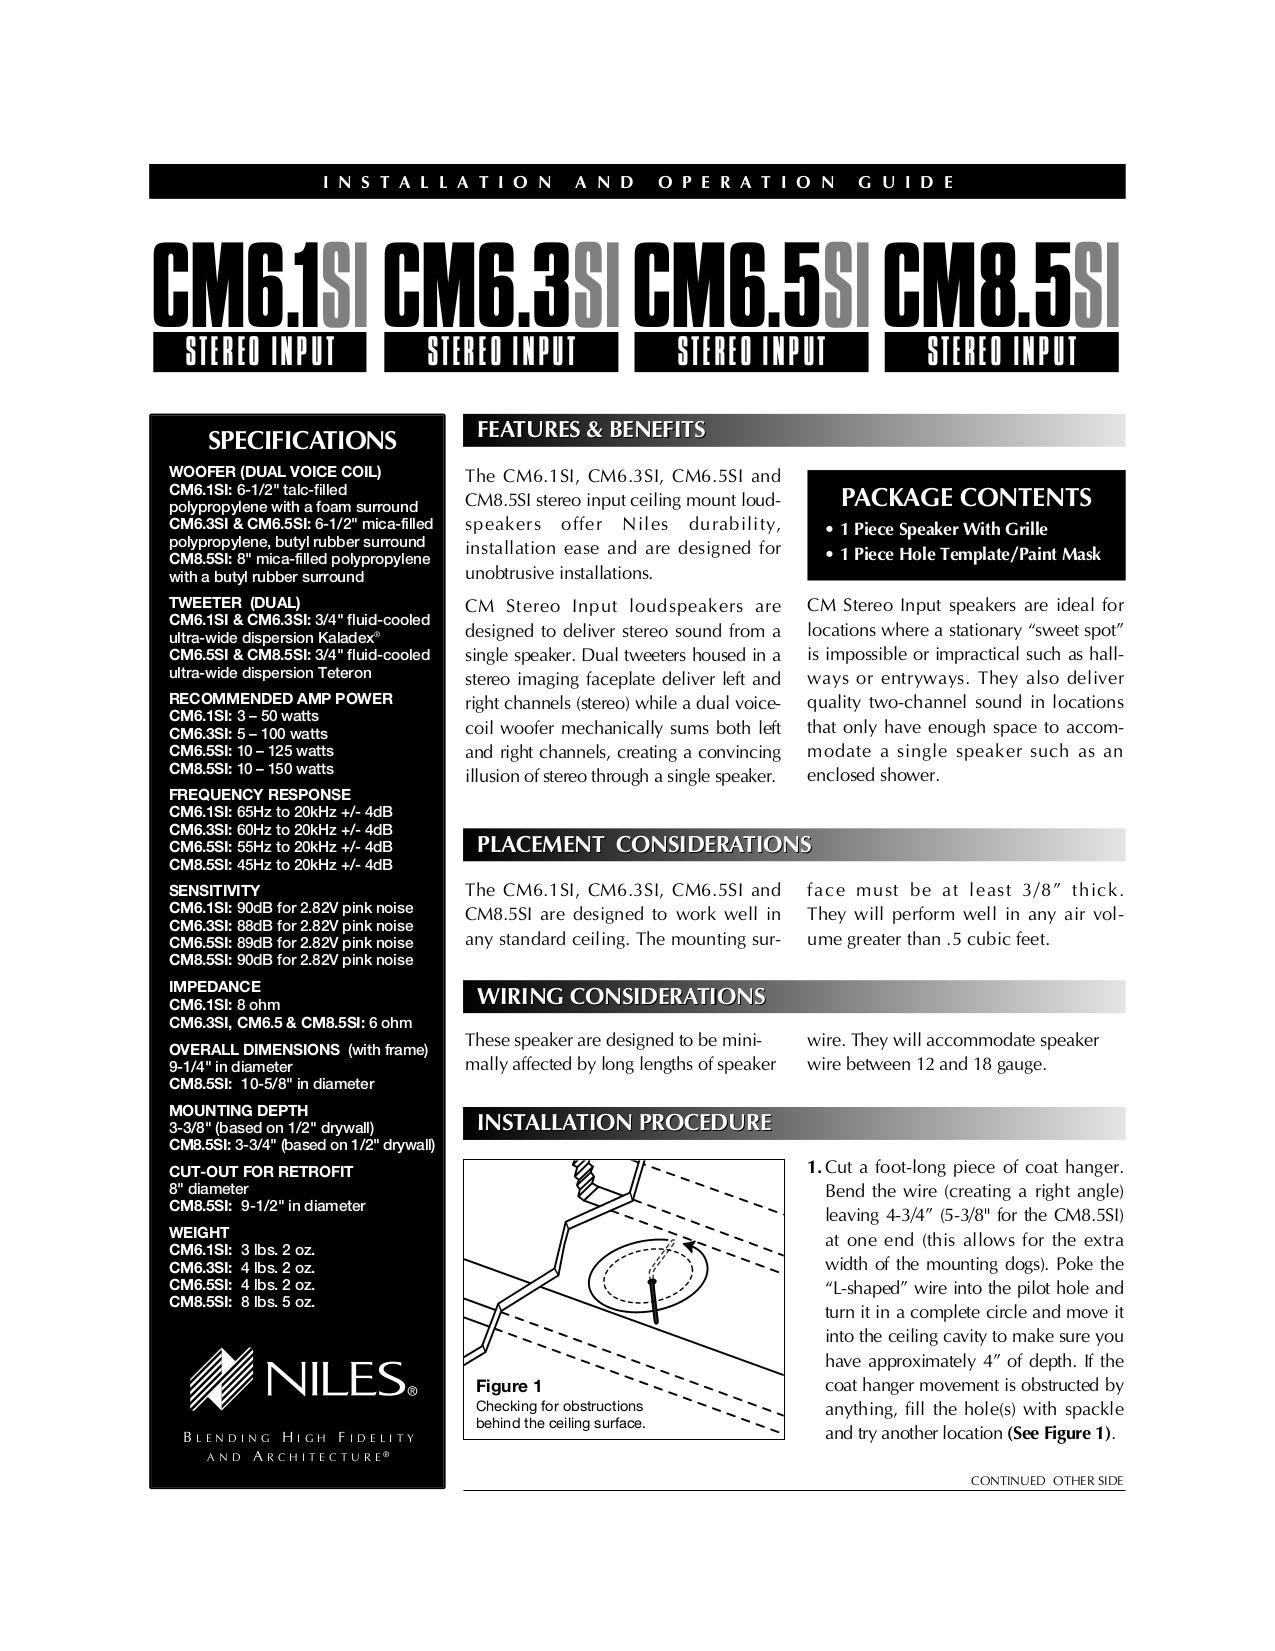 pdf for Niles Speaker CM8.5Si manual